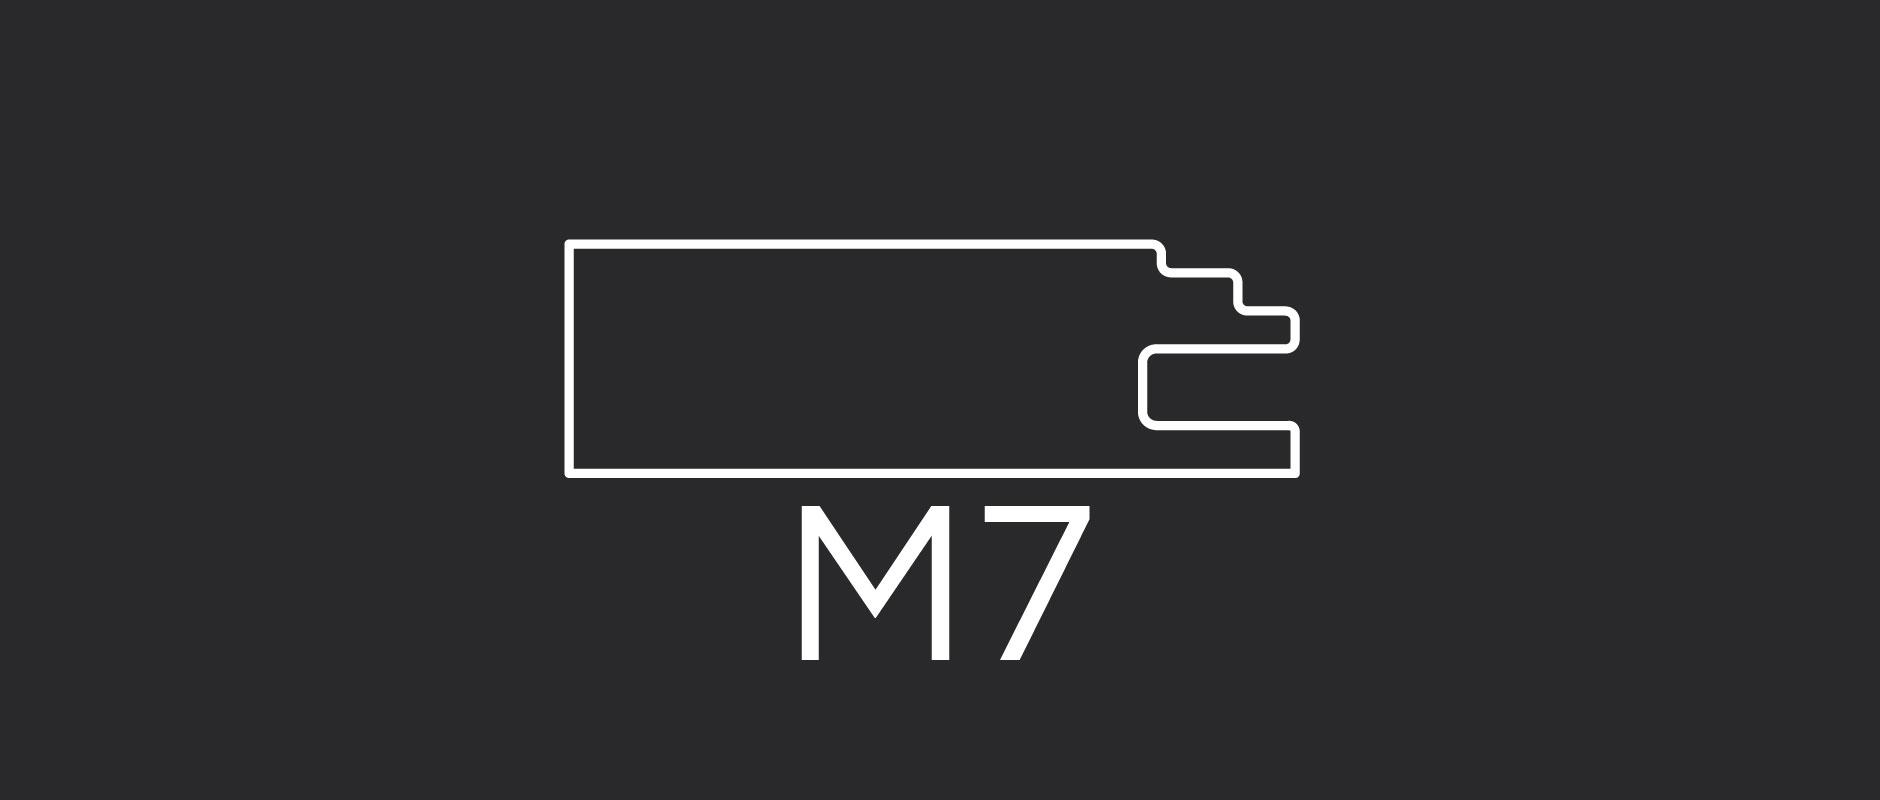 """M7 mitered door frame 2-3/8"""" wide"""